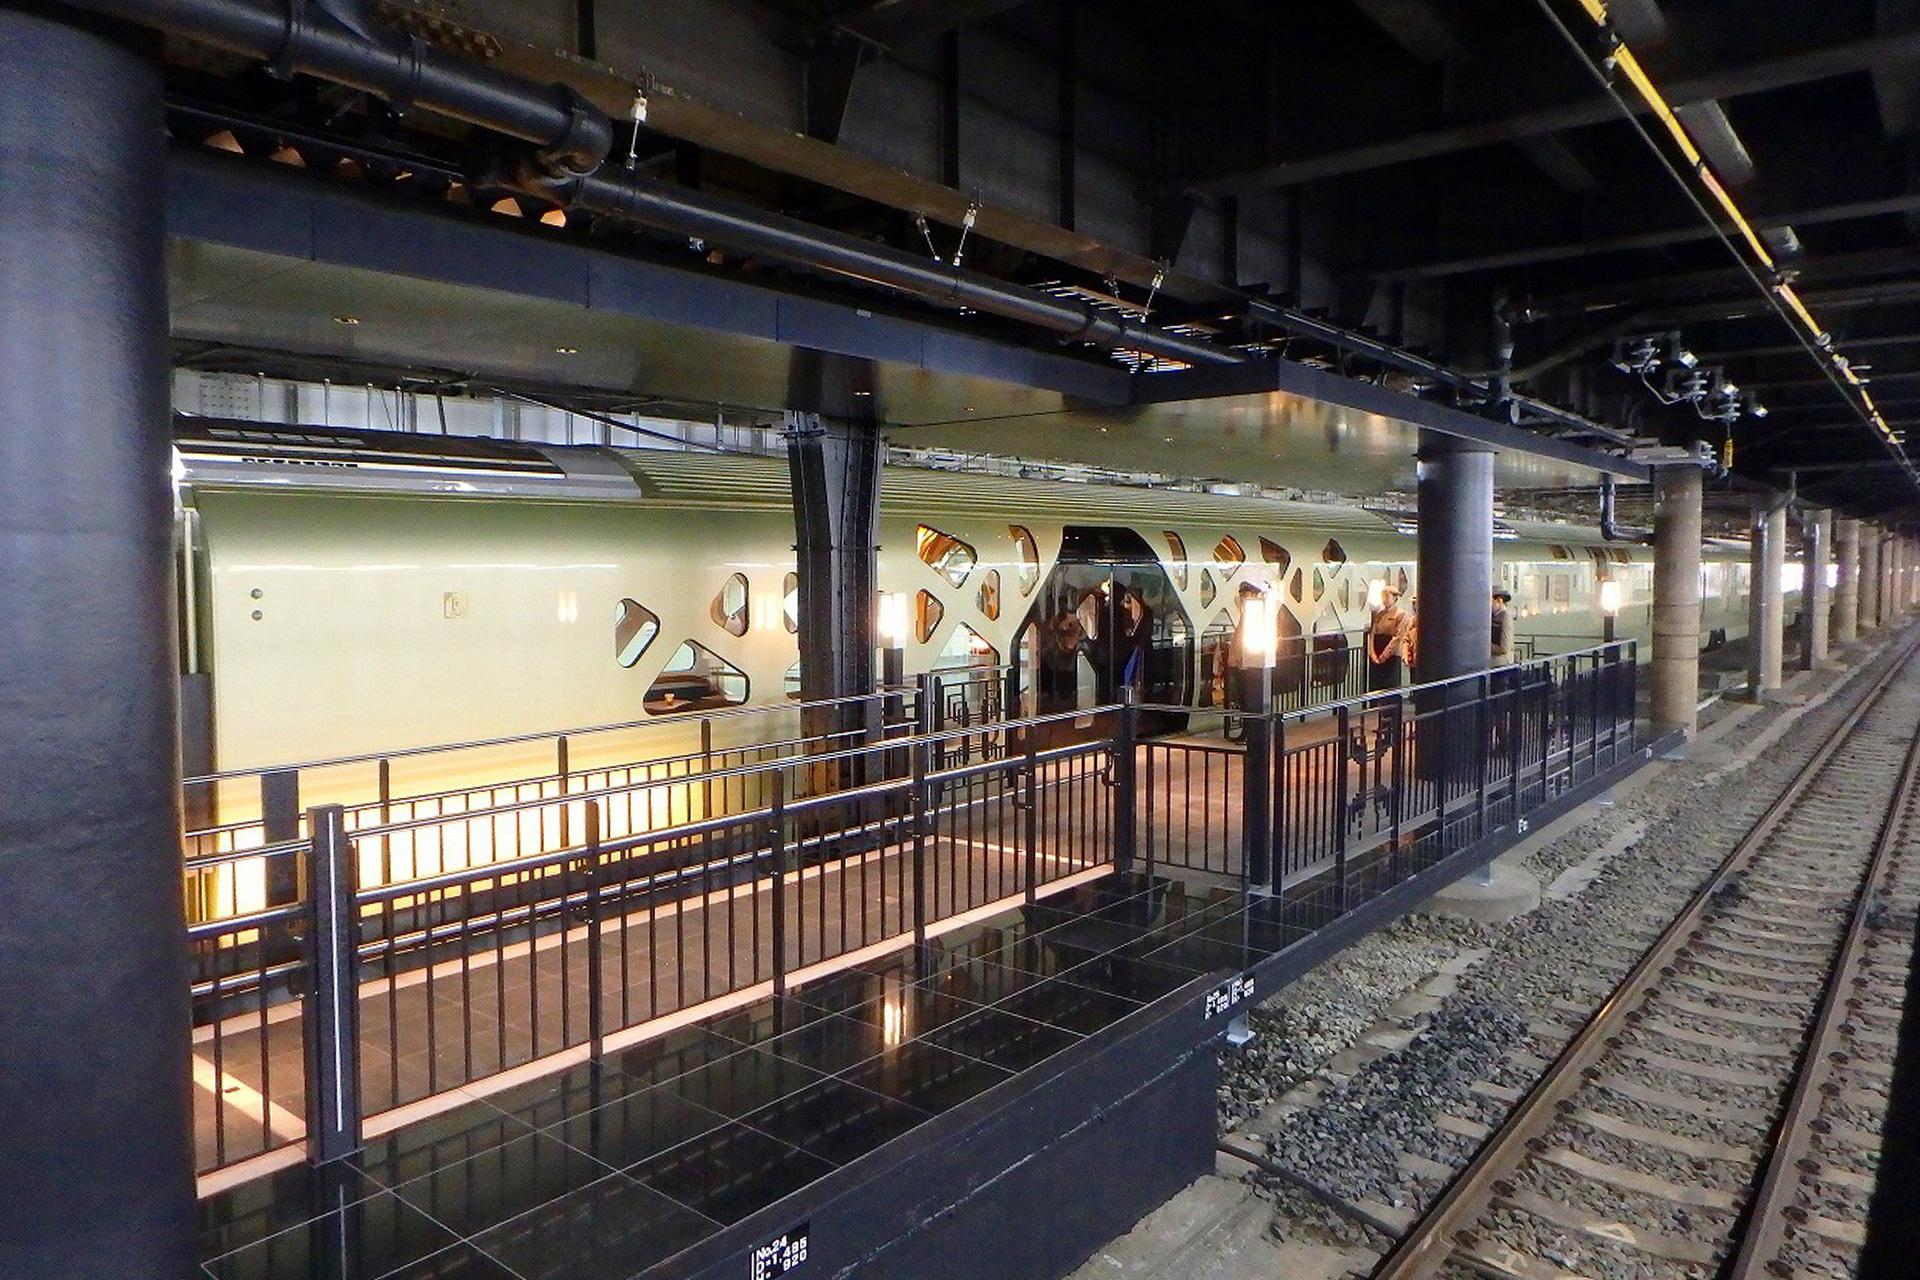 東北線上野駅構内クルーズトレイン(豪華列車)導入に伴うホーム改良 ...